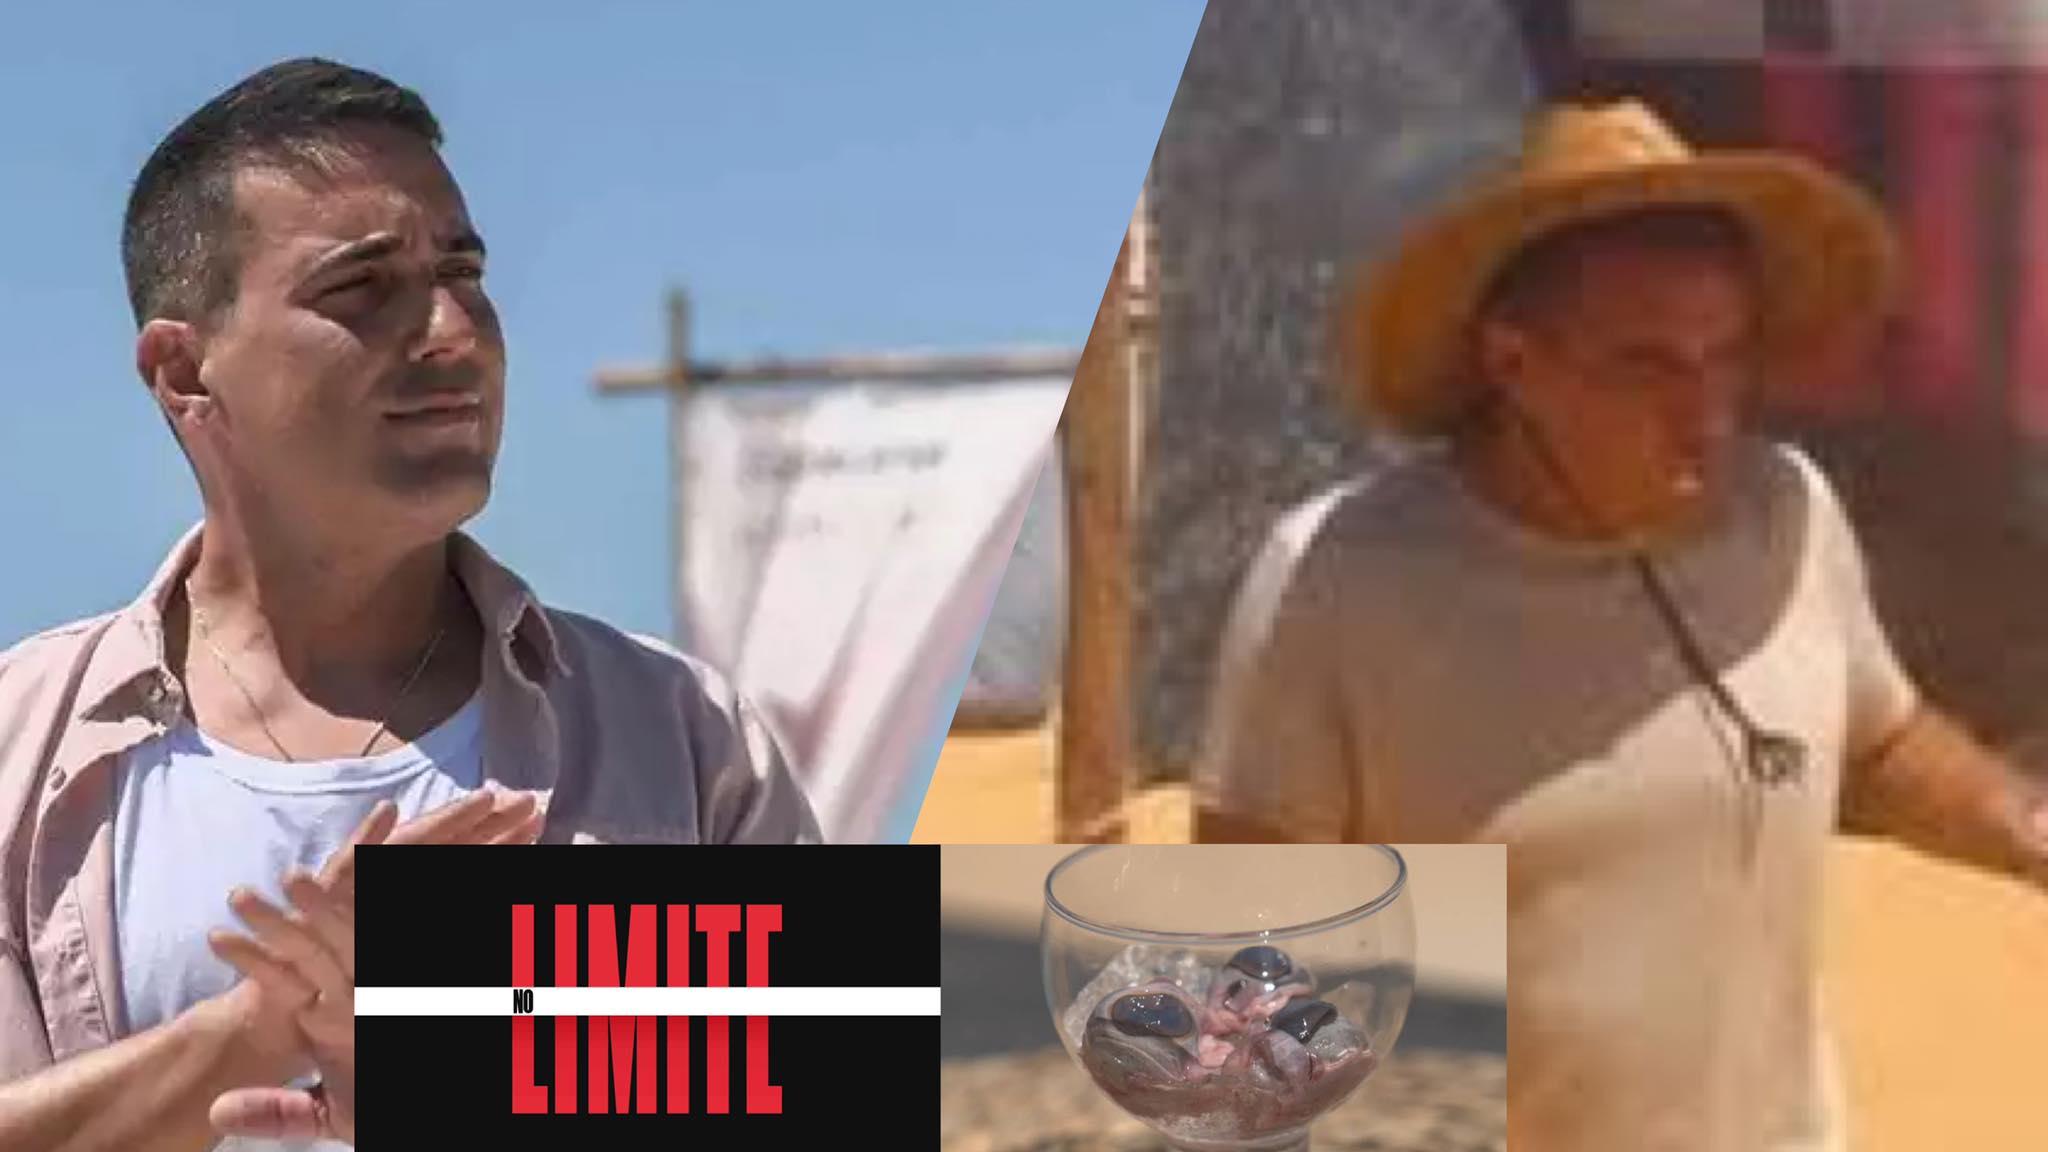 André Marques encarou o desafio e comeu olho de cabra do No Limite. Fonte: Montagem/ Fashion Bubbles